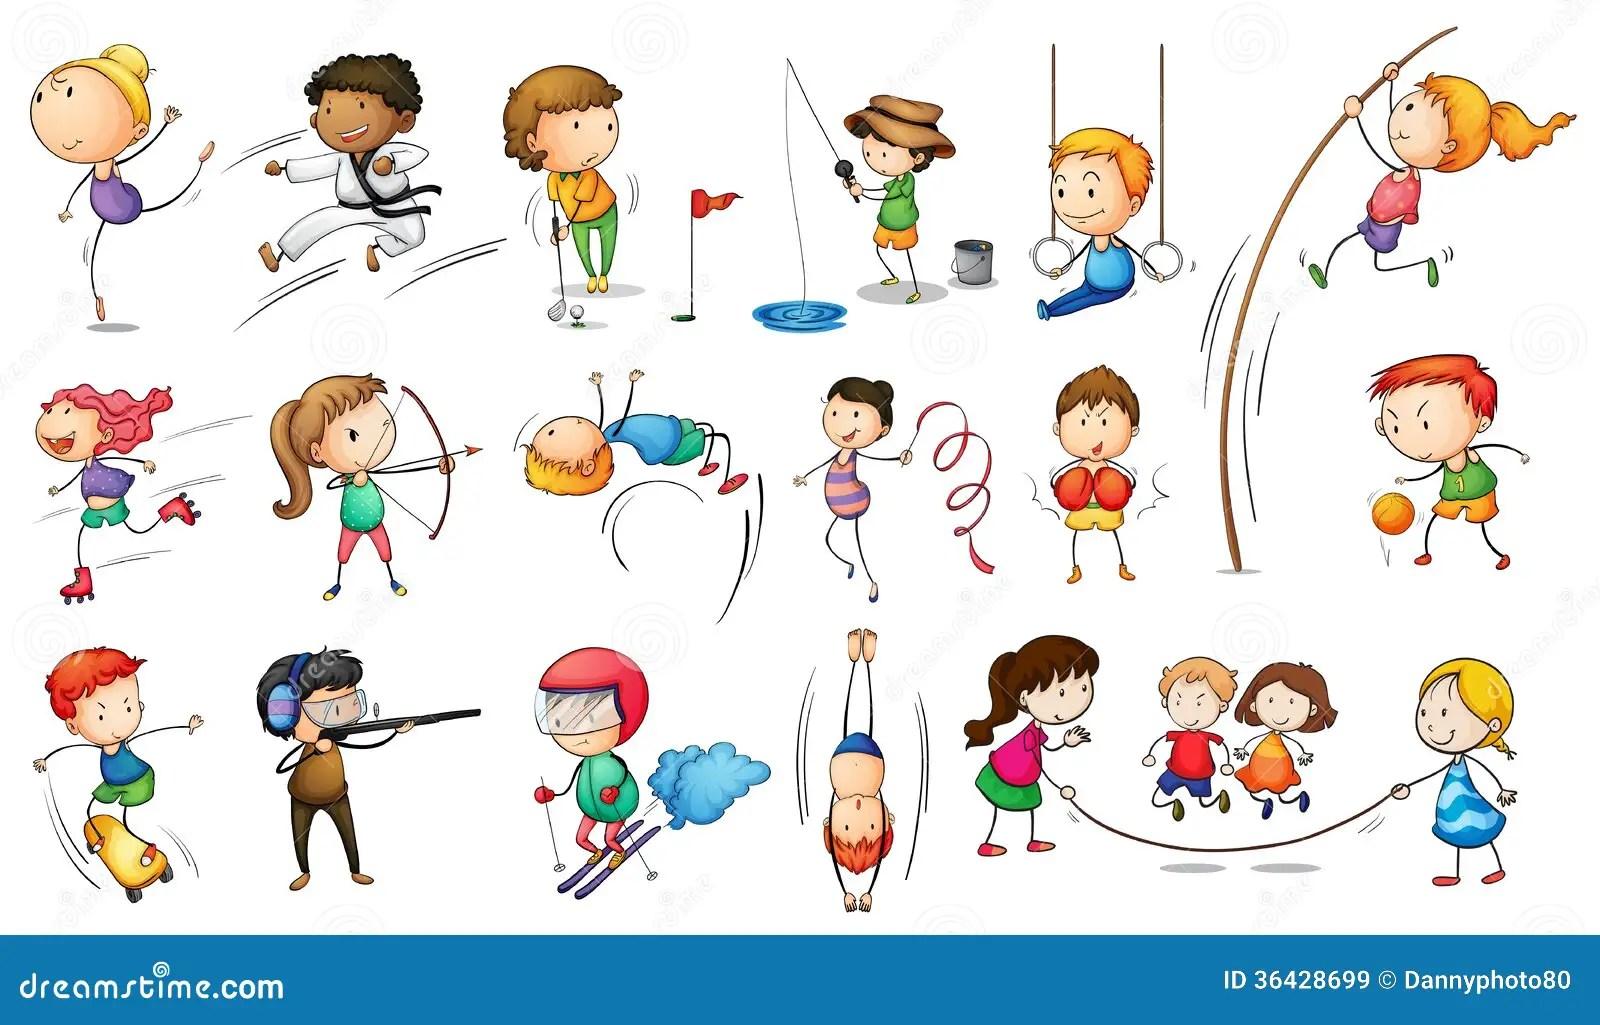 Enfants S Engageant Dans Differents Sports Illustration